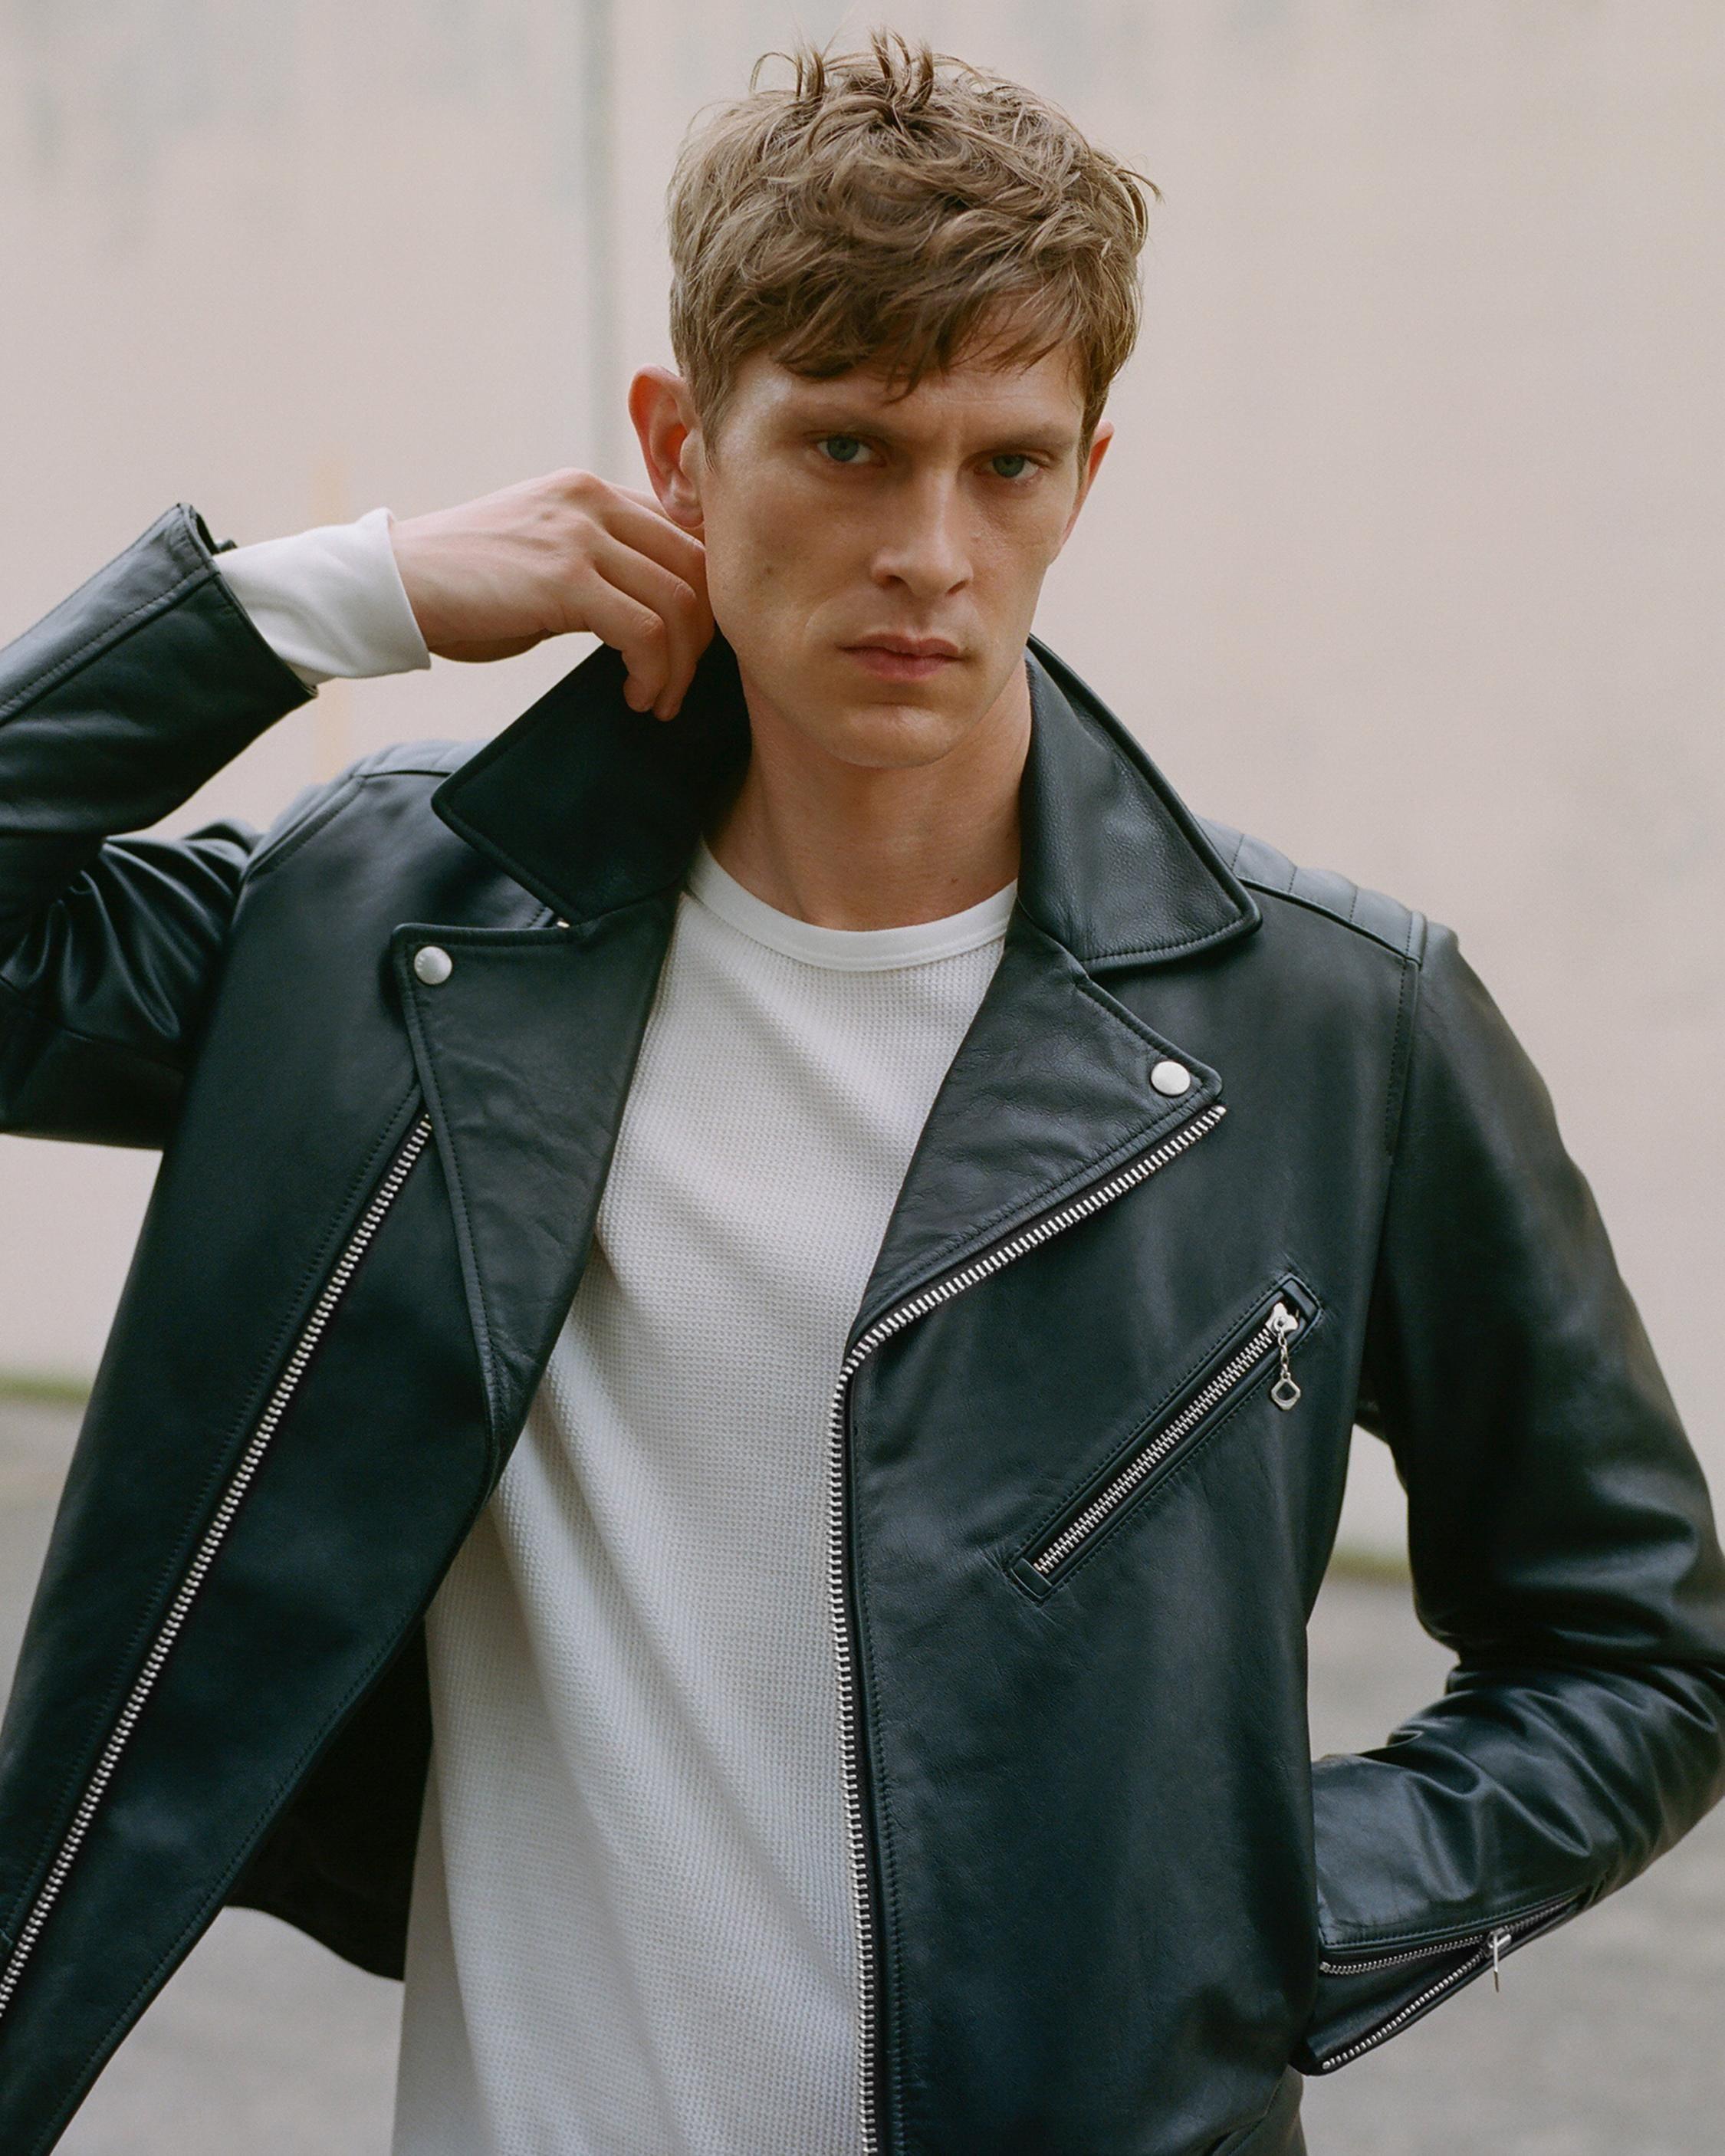 Buzz Jacket Boys Leather Jacket Jackets Leather Jacket [ 2812 x 2250 Pixel ]